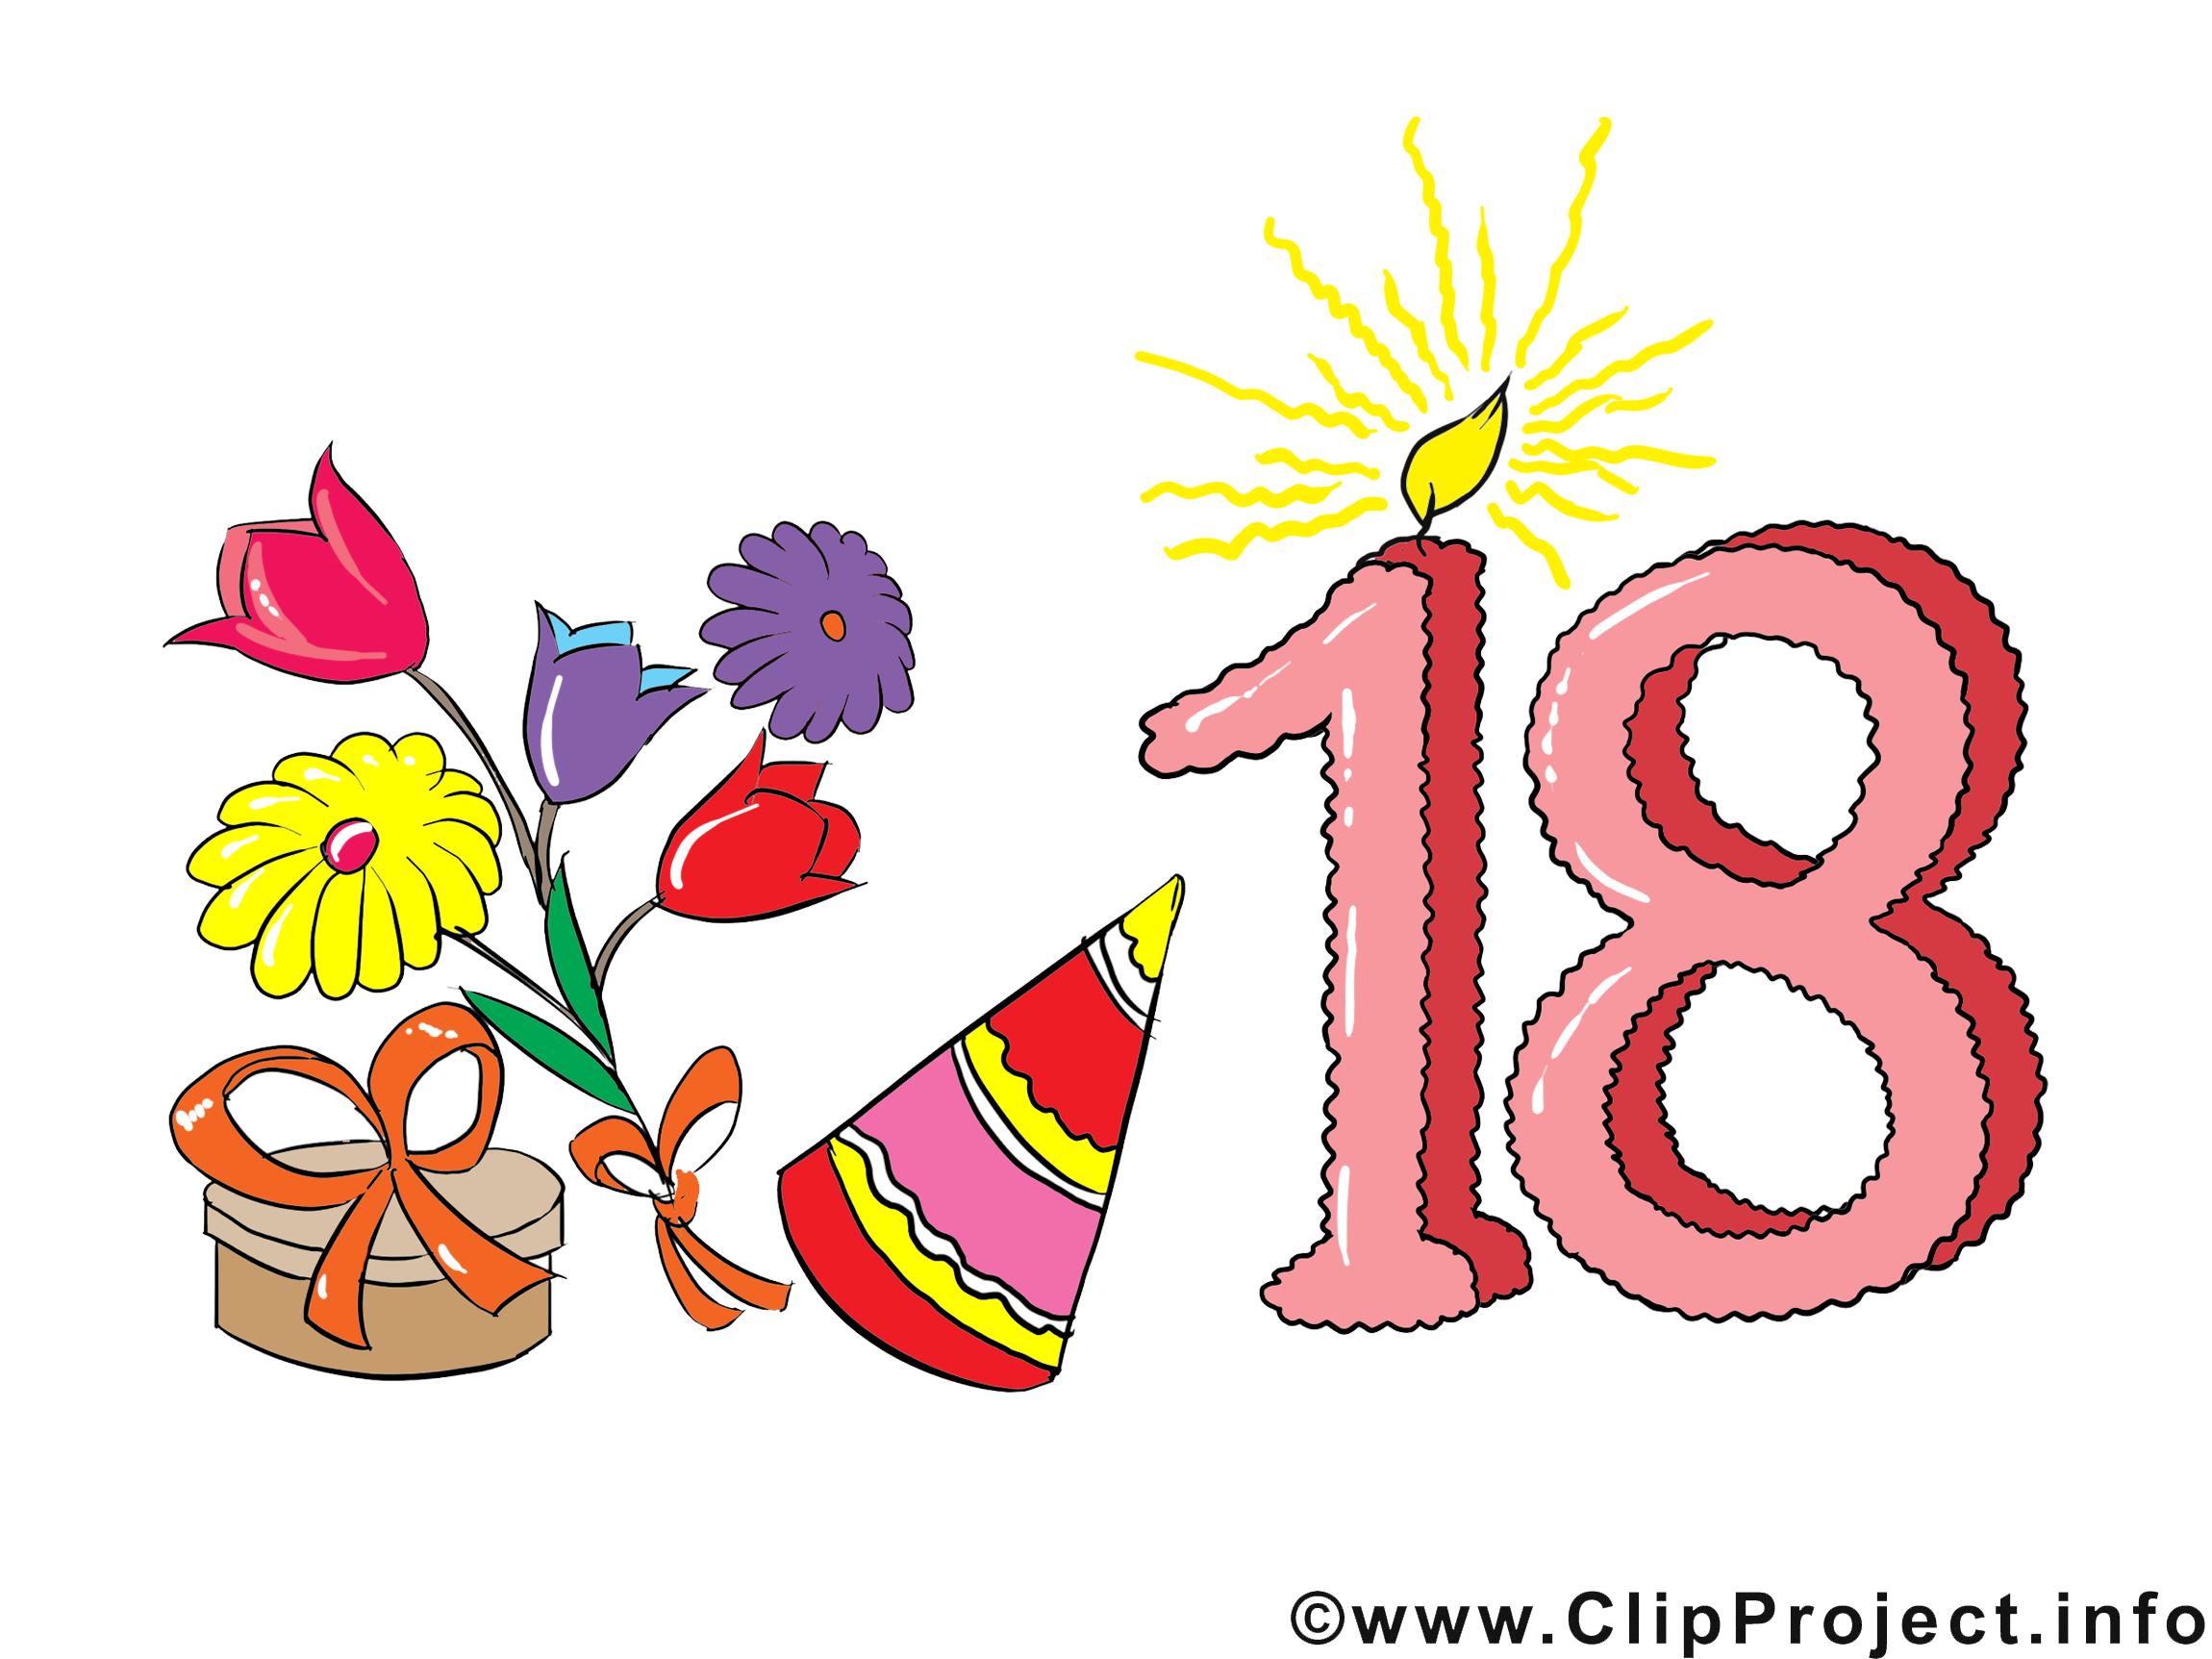 clipart gratuit anniversaire 30 ans - photo #11